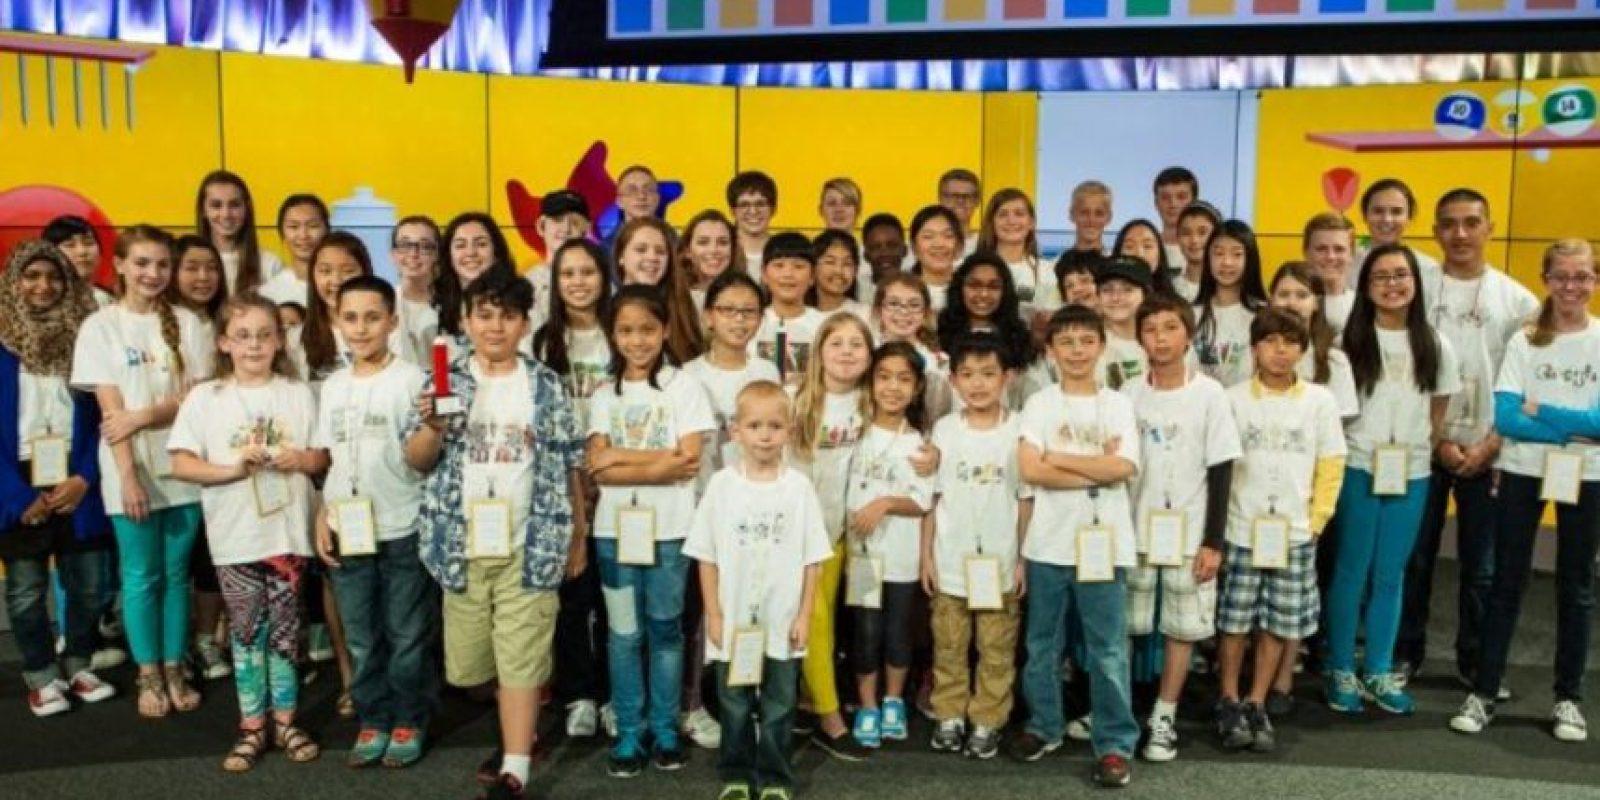 Los 250 semifinalistas del concurso. Foto:Google